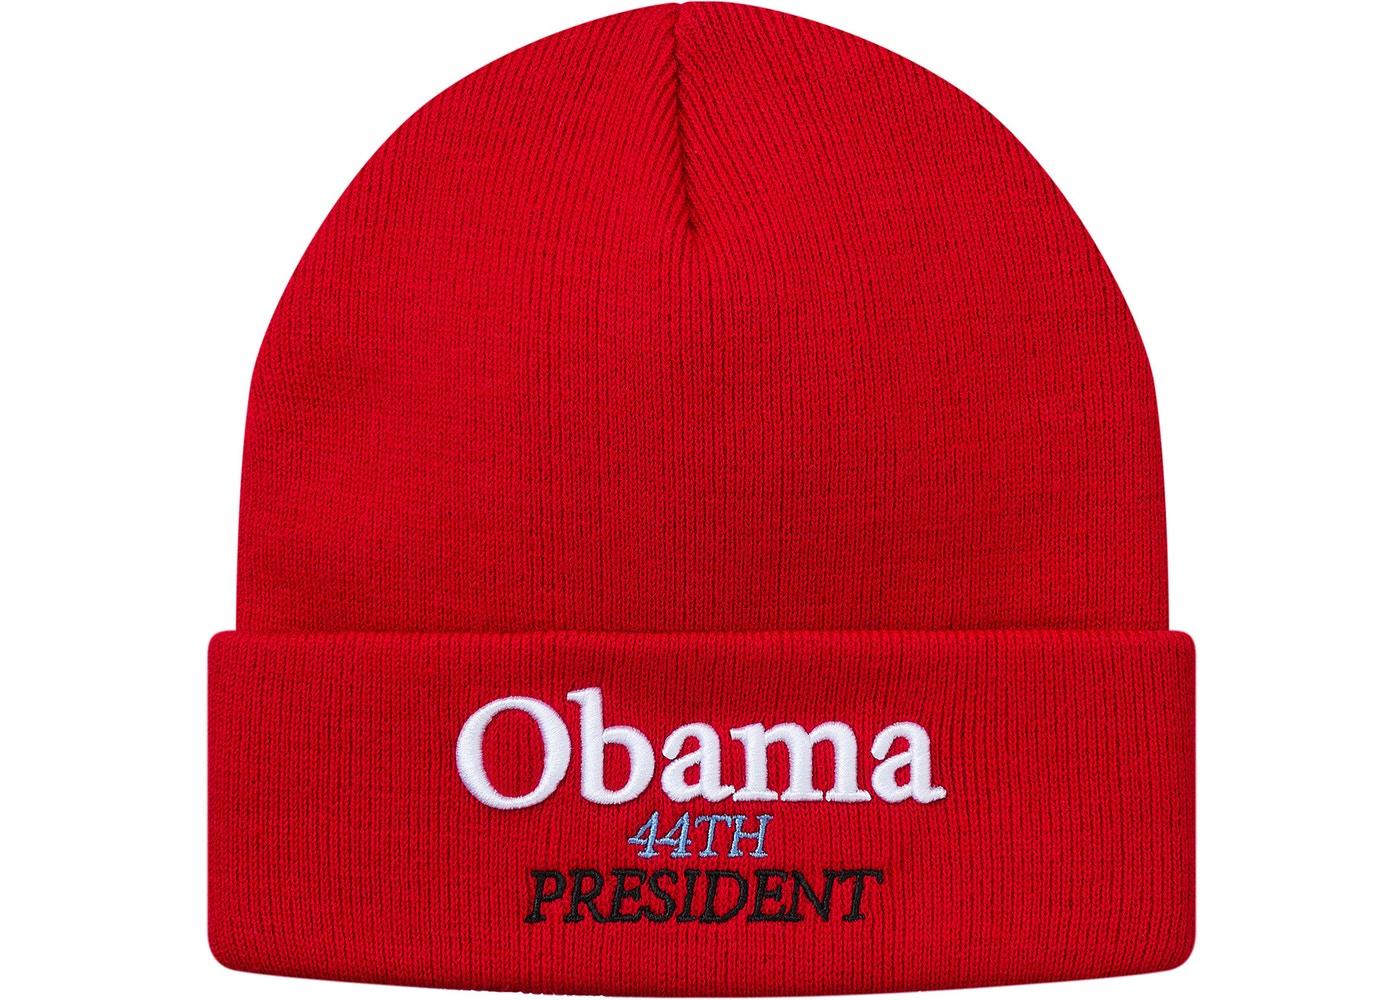 61b39dff42e49 Supreme Obama Beanie Red - StockX News